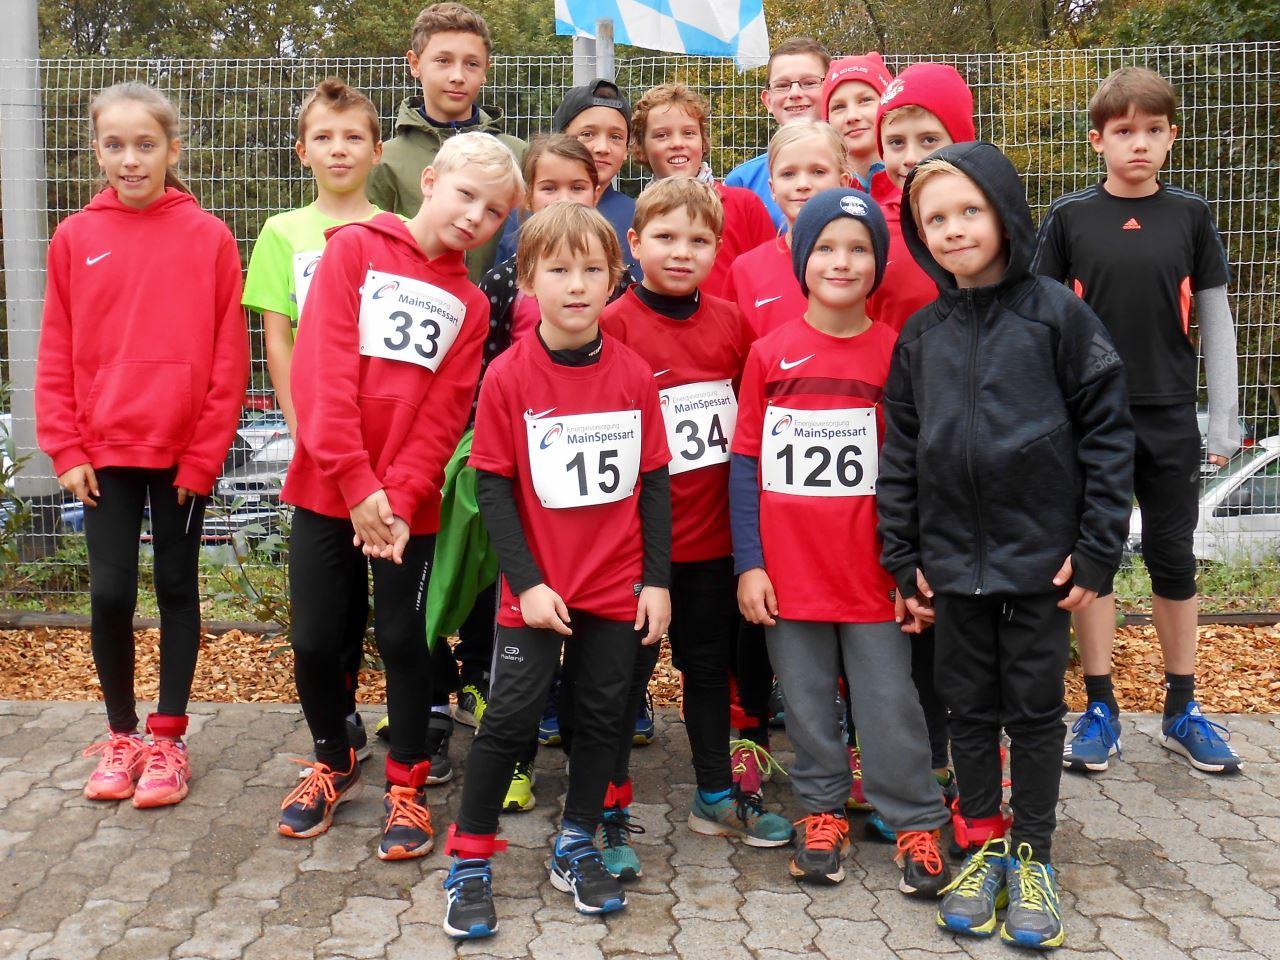 TV Schweinheim Leichtathletik beim Kuckuckslauf in Königshofen 2017